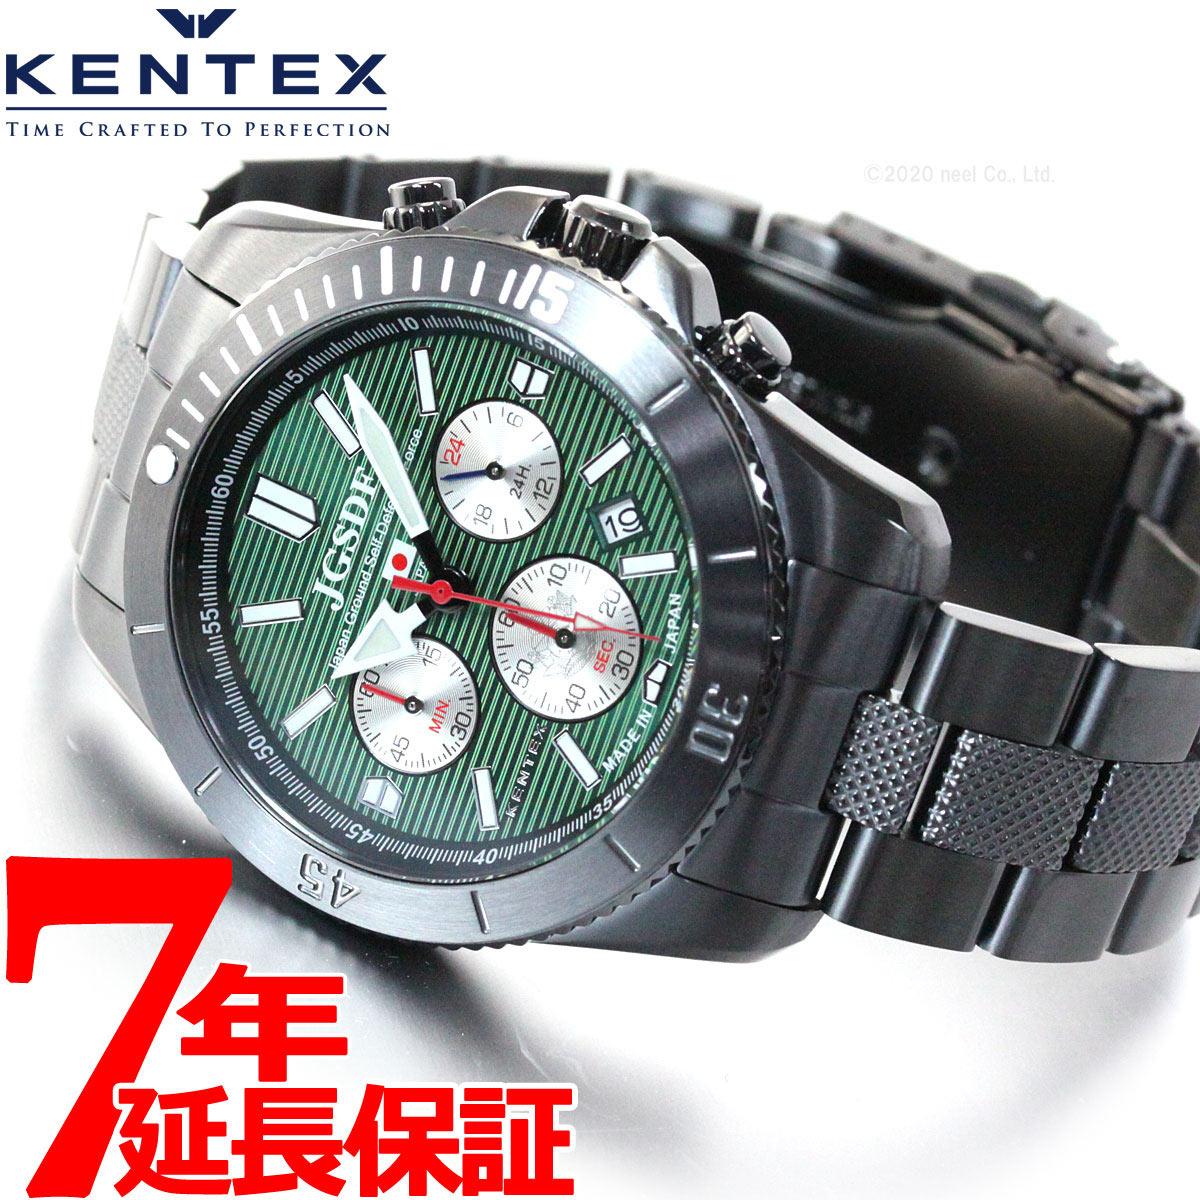 【1000円OFFクーポン!12月21日1時59分まで!】ケンテックス KENTEX 腕時計 メンズ JSDF PRO 陸上自衛隊 プロフェッショナルモデル クロノグラフ S690M-01